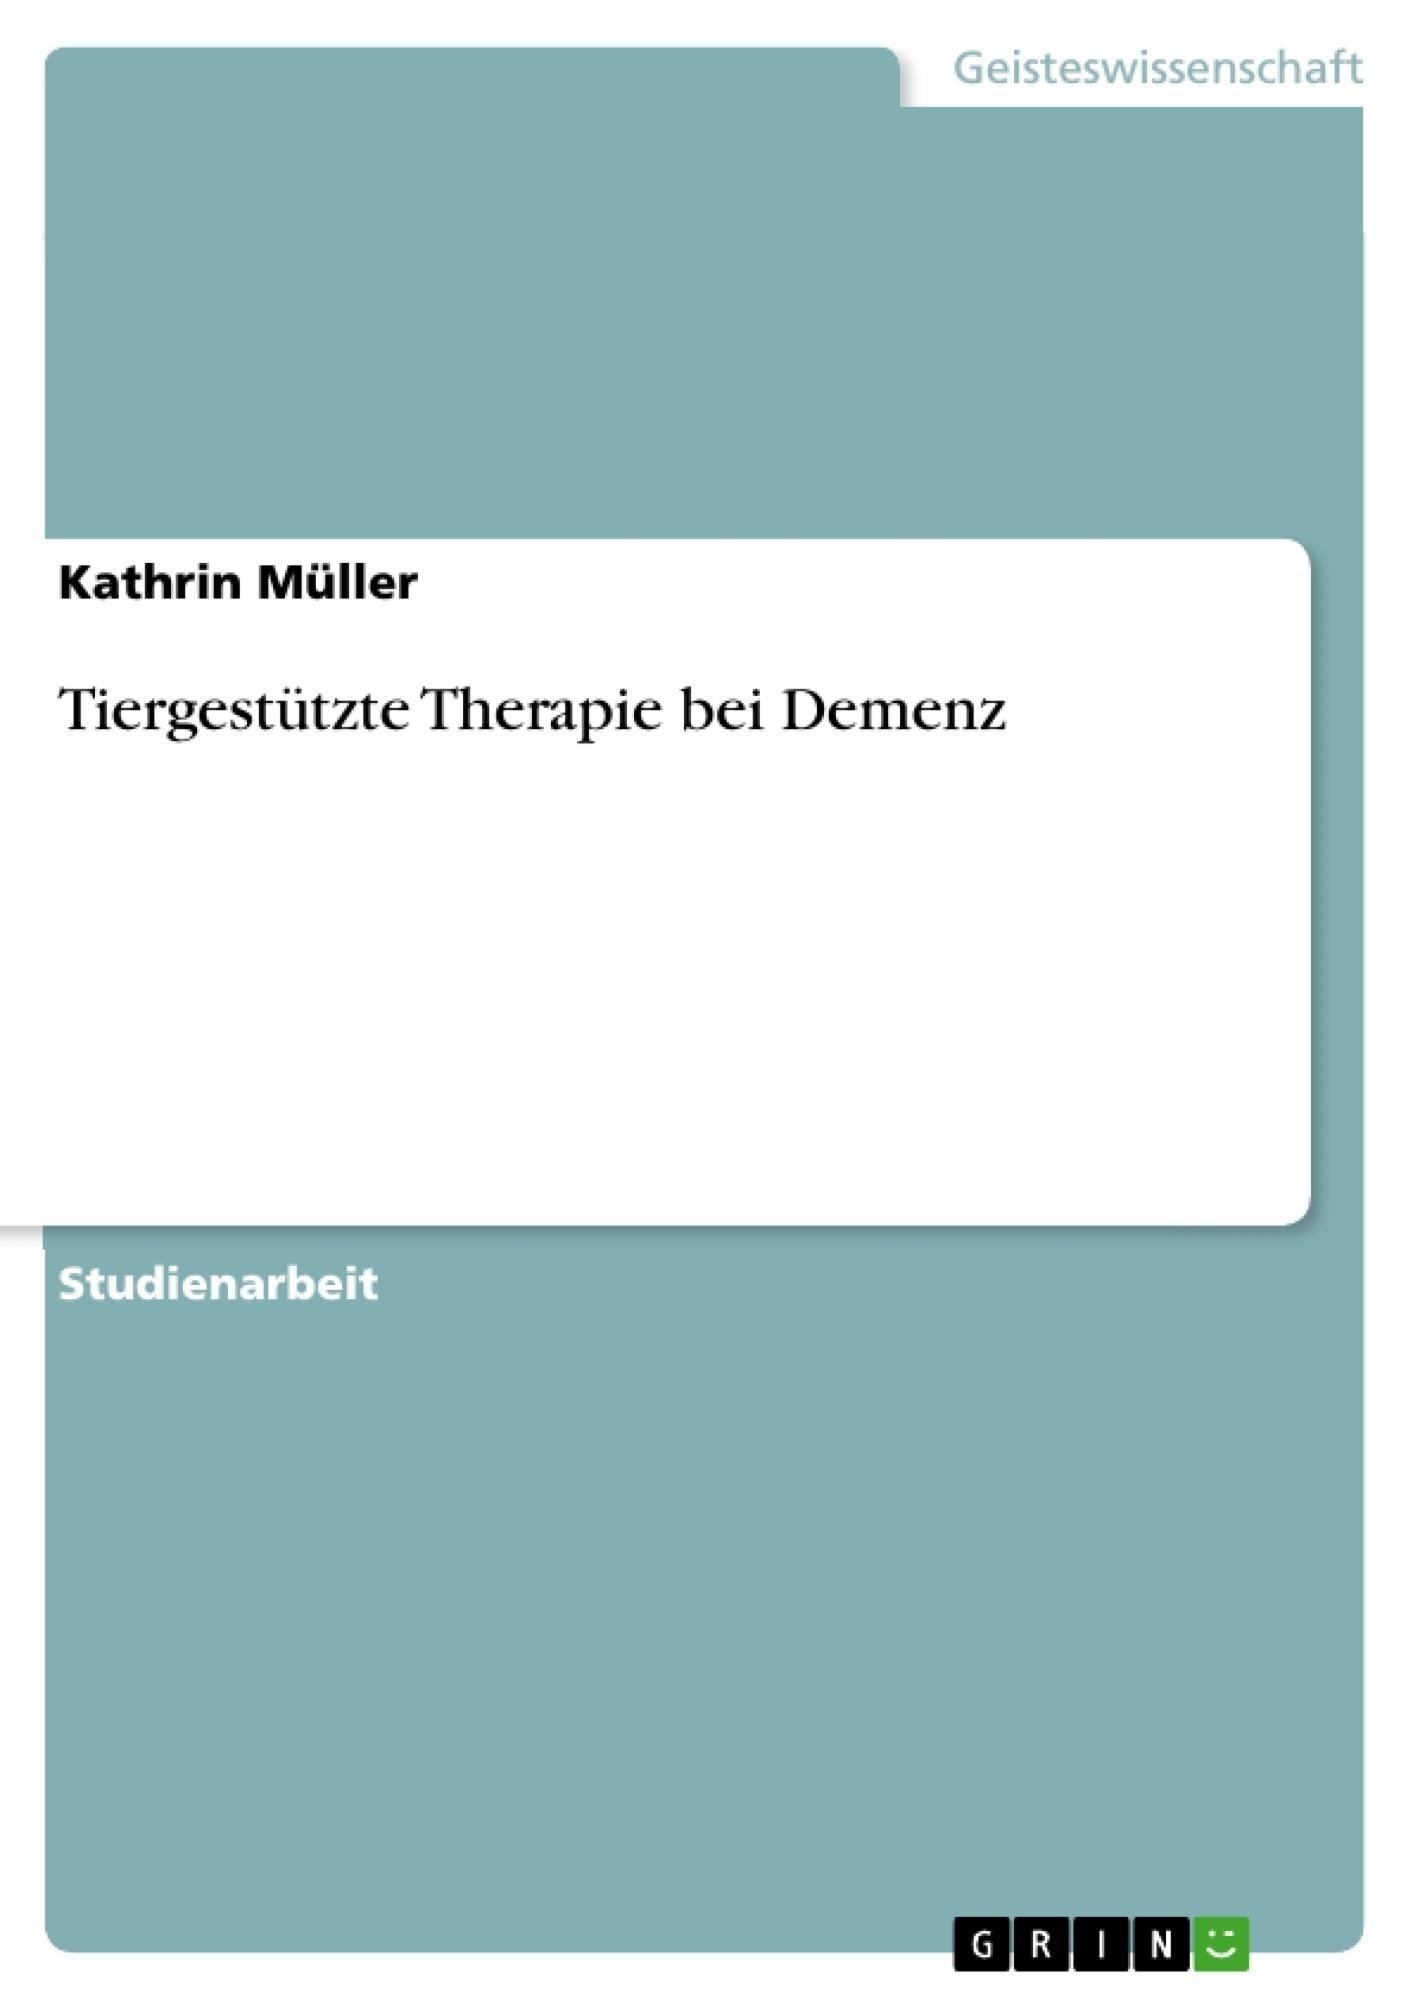 Titel: Tiergestützte Therapie bei Demenz